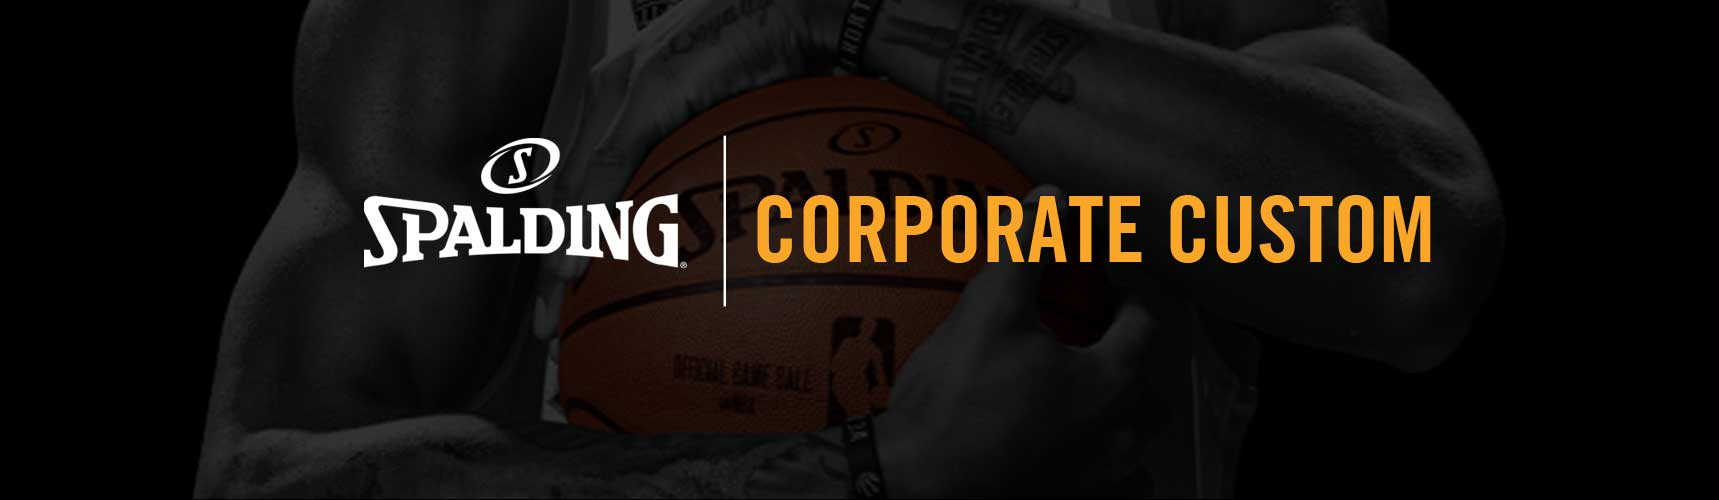 Spalding - Corporate custom orders